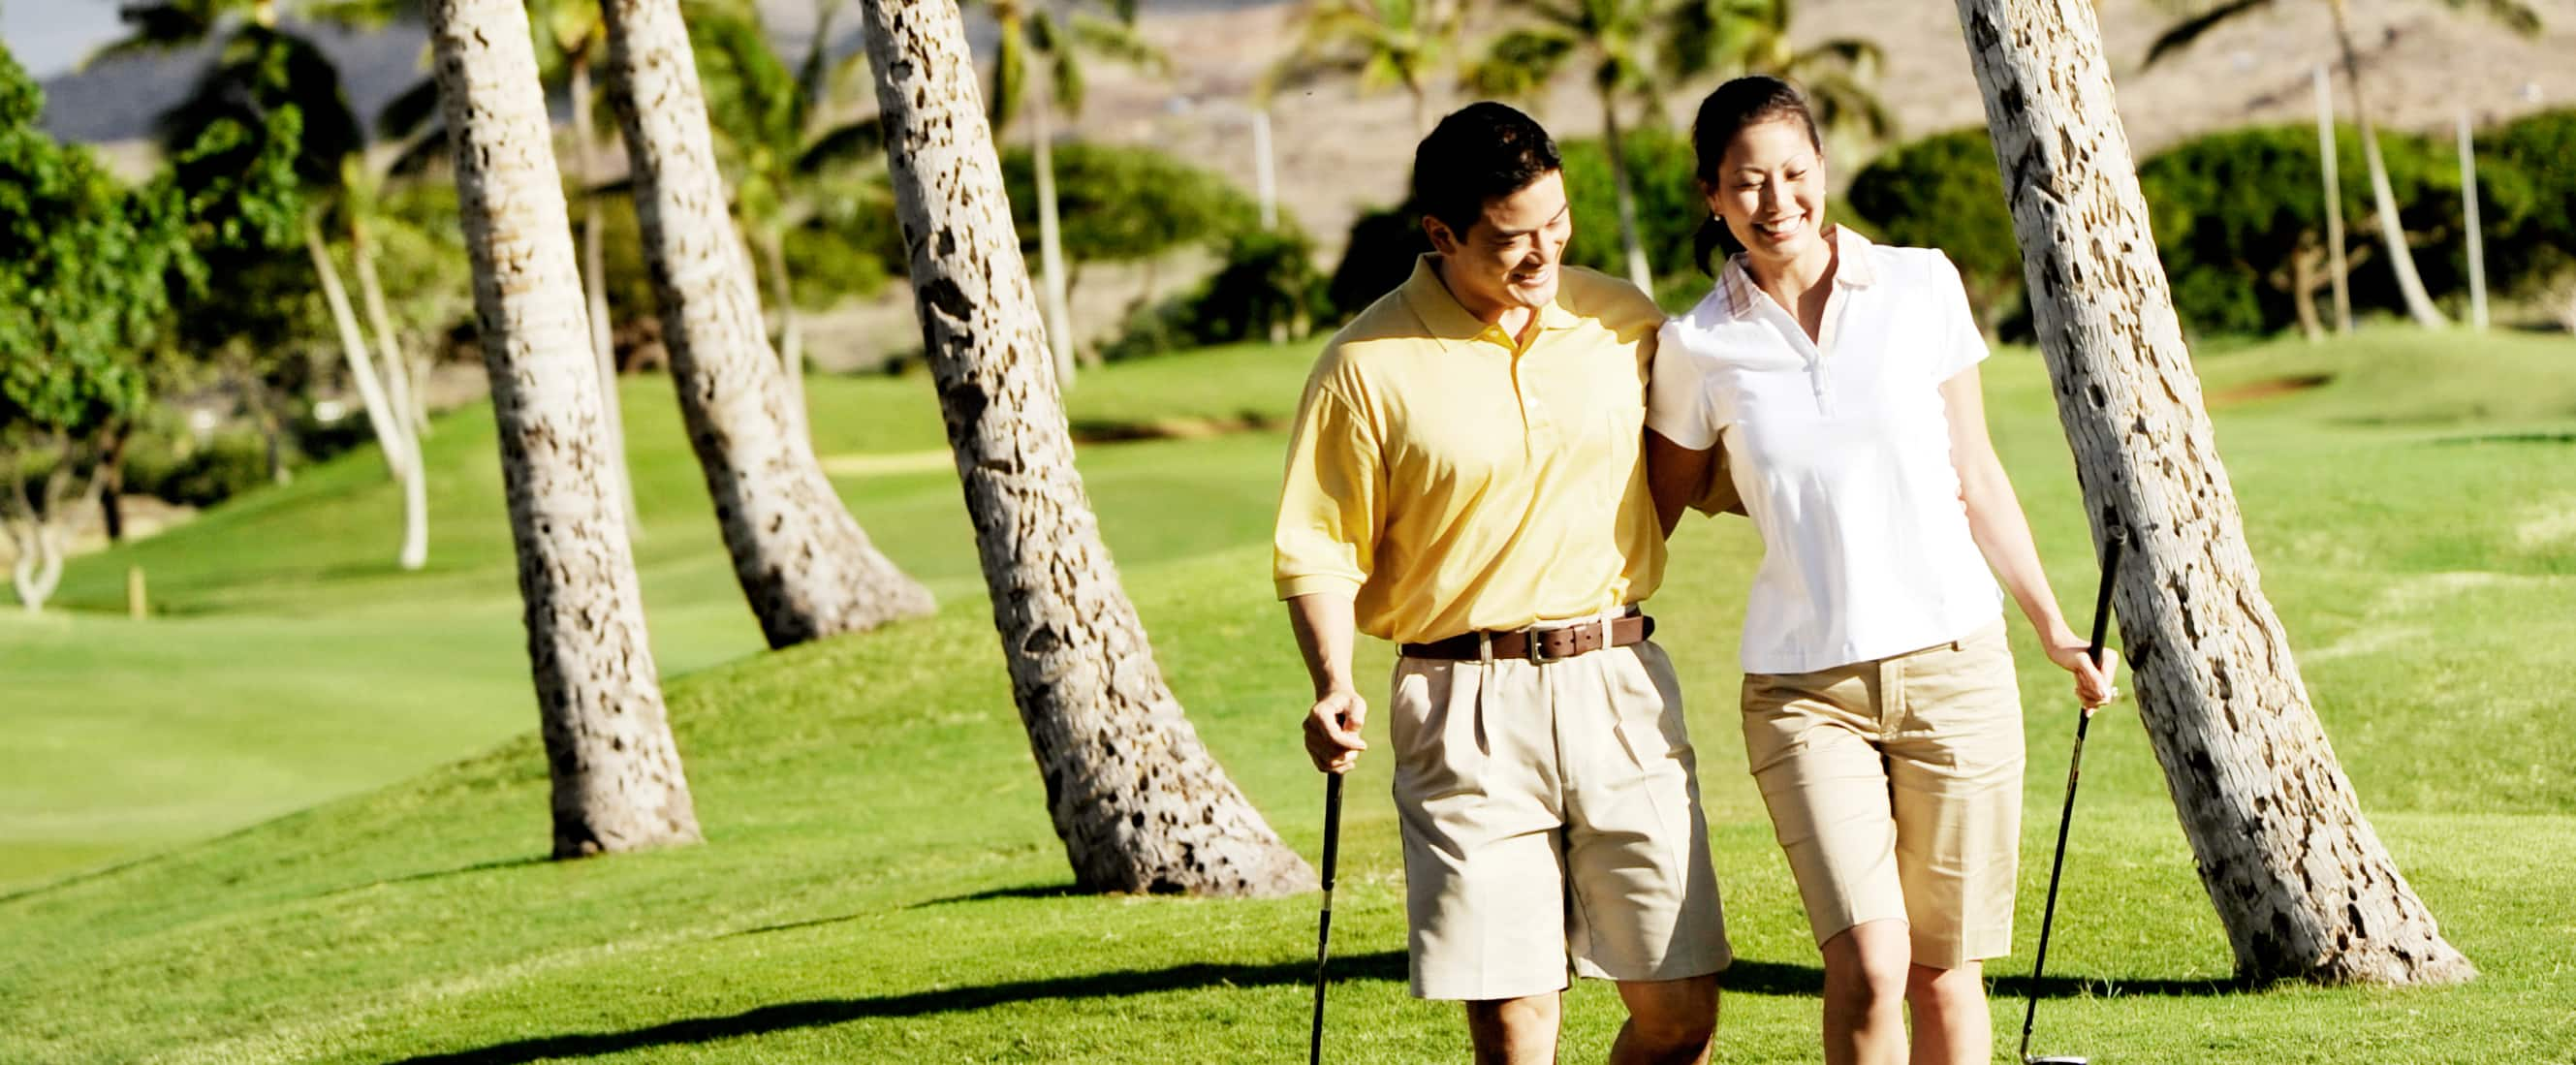 ゴルフクラブを持ち、互いの背中に腕を回してグリーンを歩く男性と女性